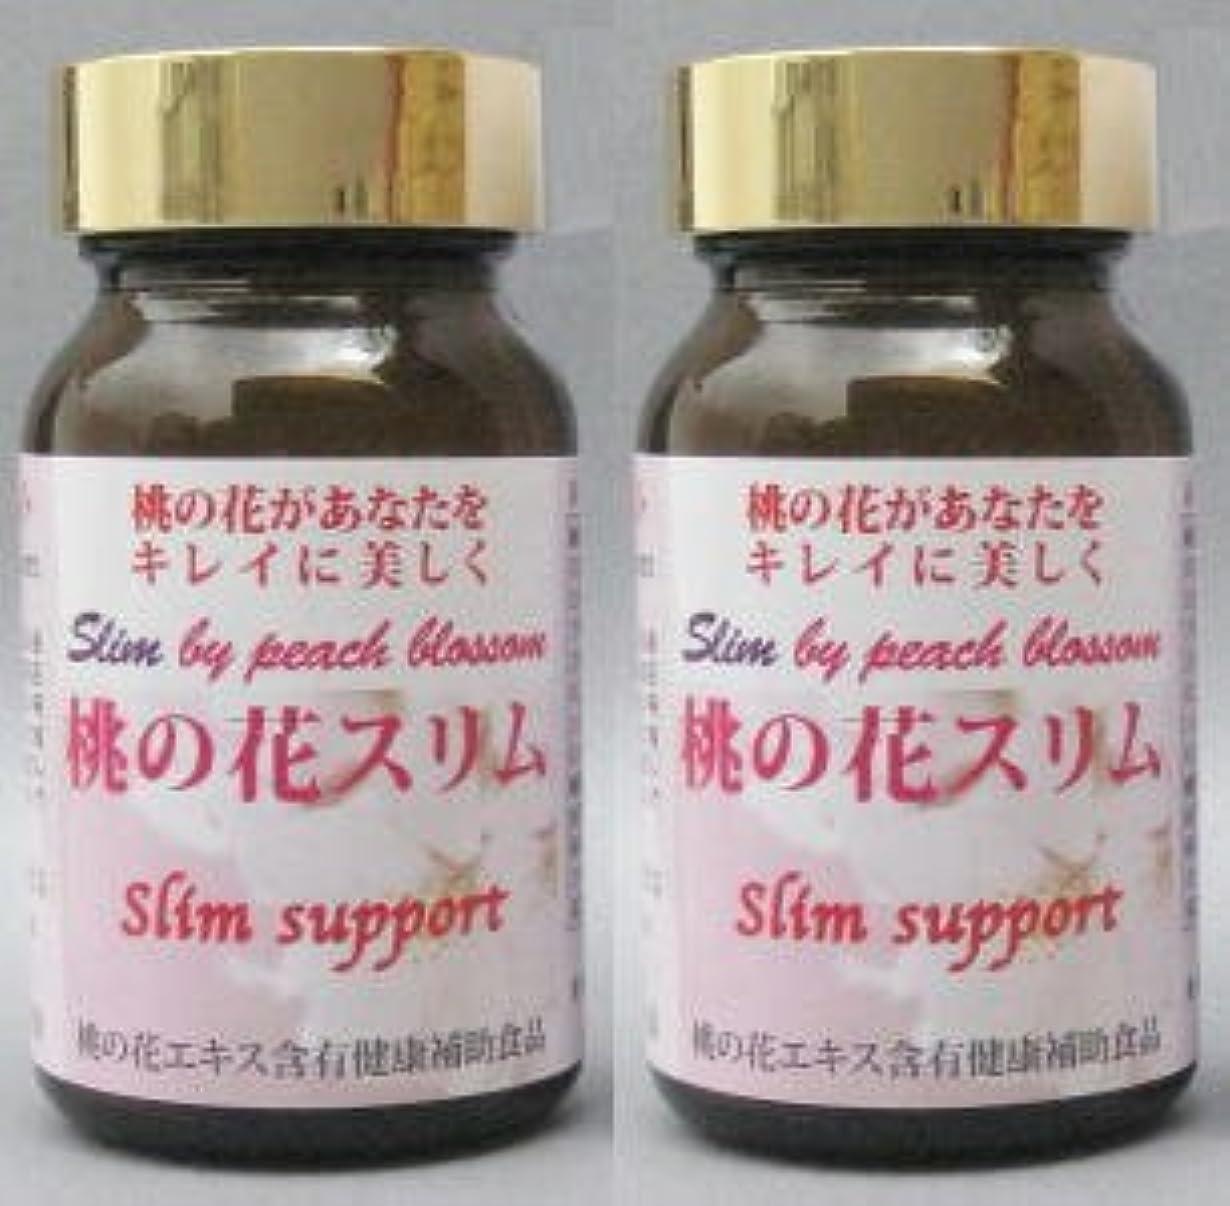 ギャップホイップうぬぼれたSlim support 桃の花エキス含有健康補助食品 桃の花スリム 200mg×180粒 2箱